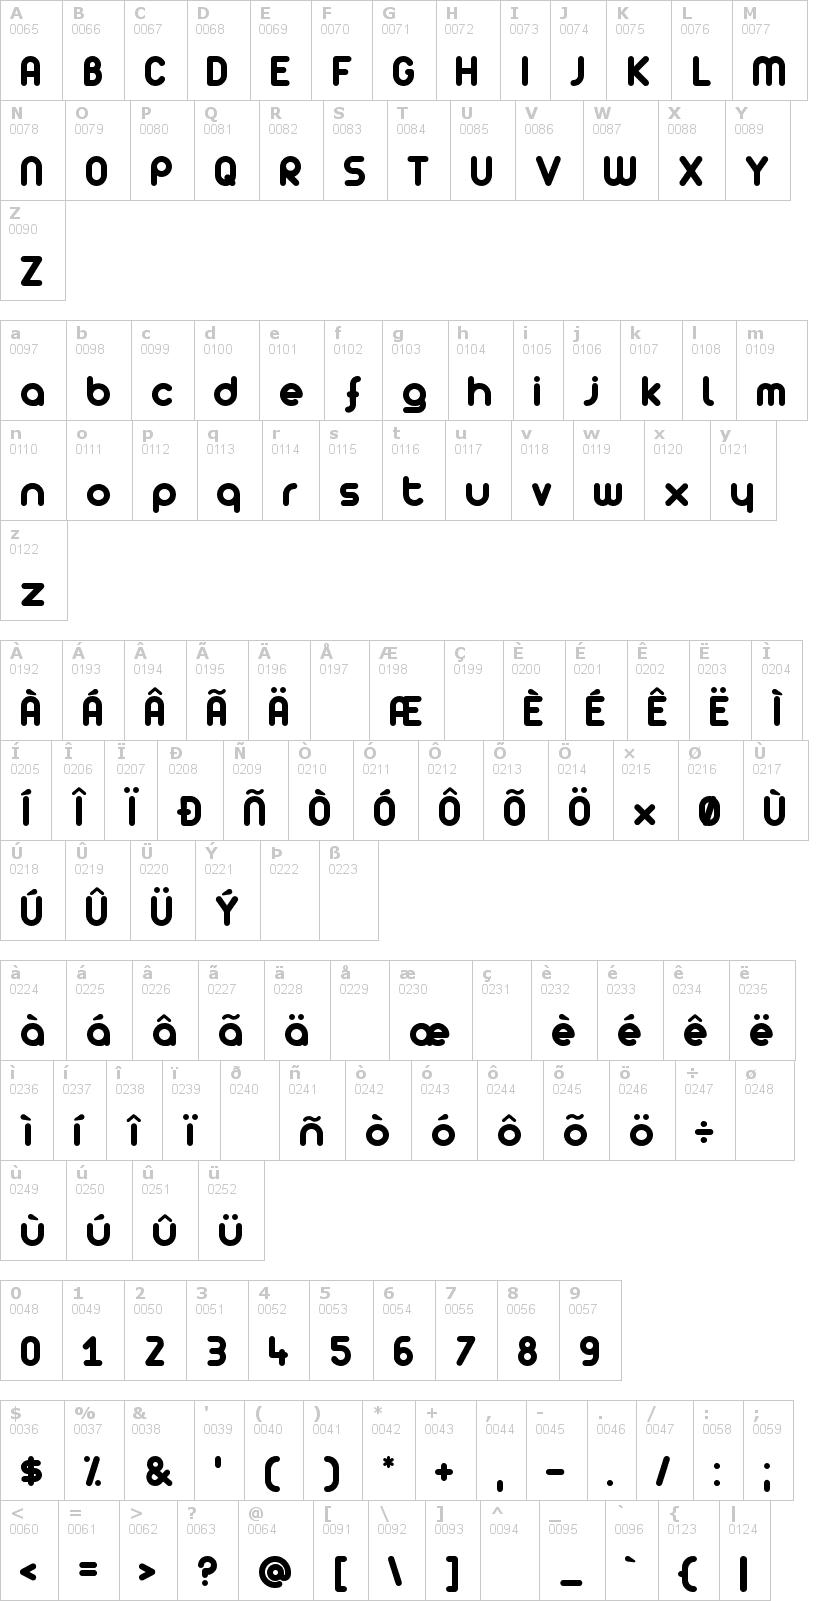 Lettere dell'alfabeto del font arista con le quali è possibile realizzare adesivi prespaziati